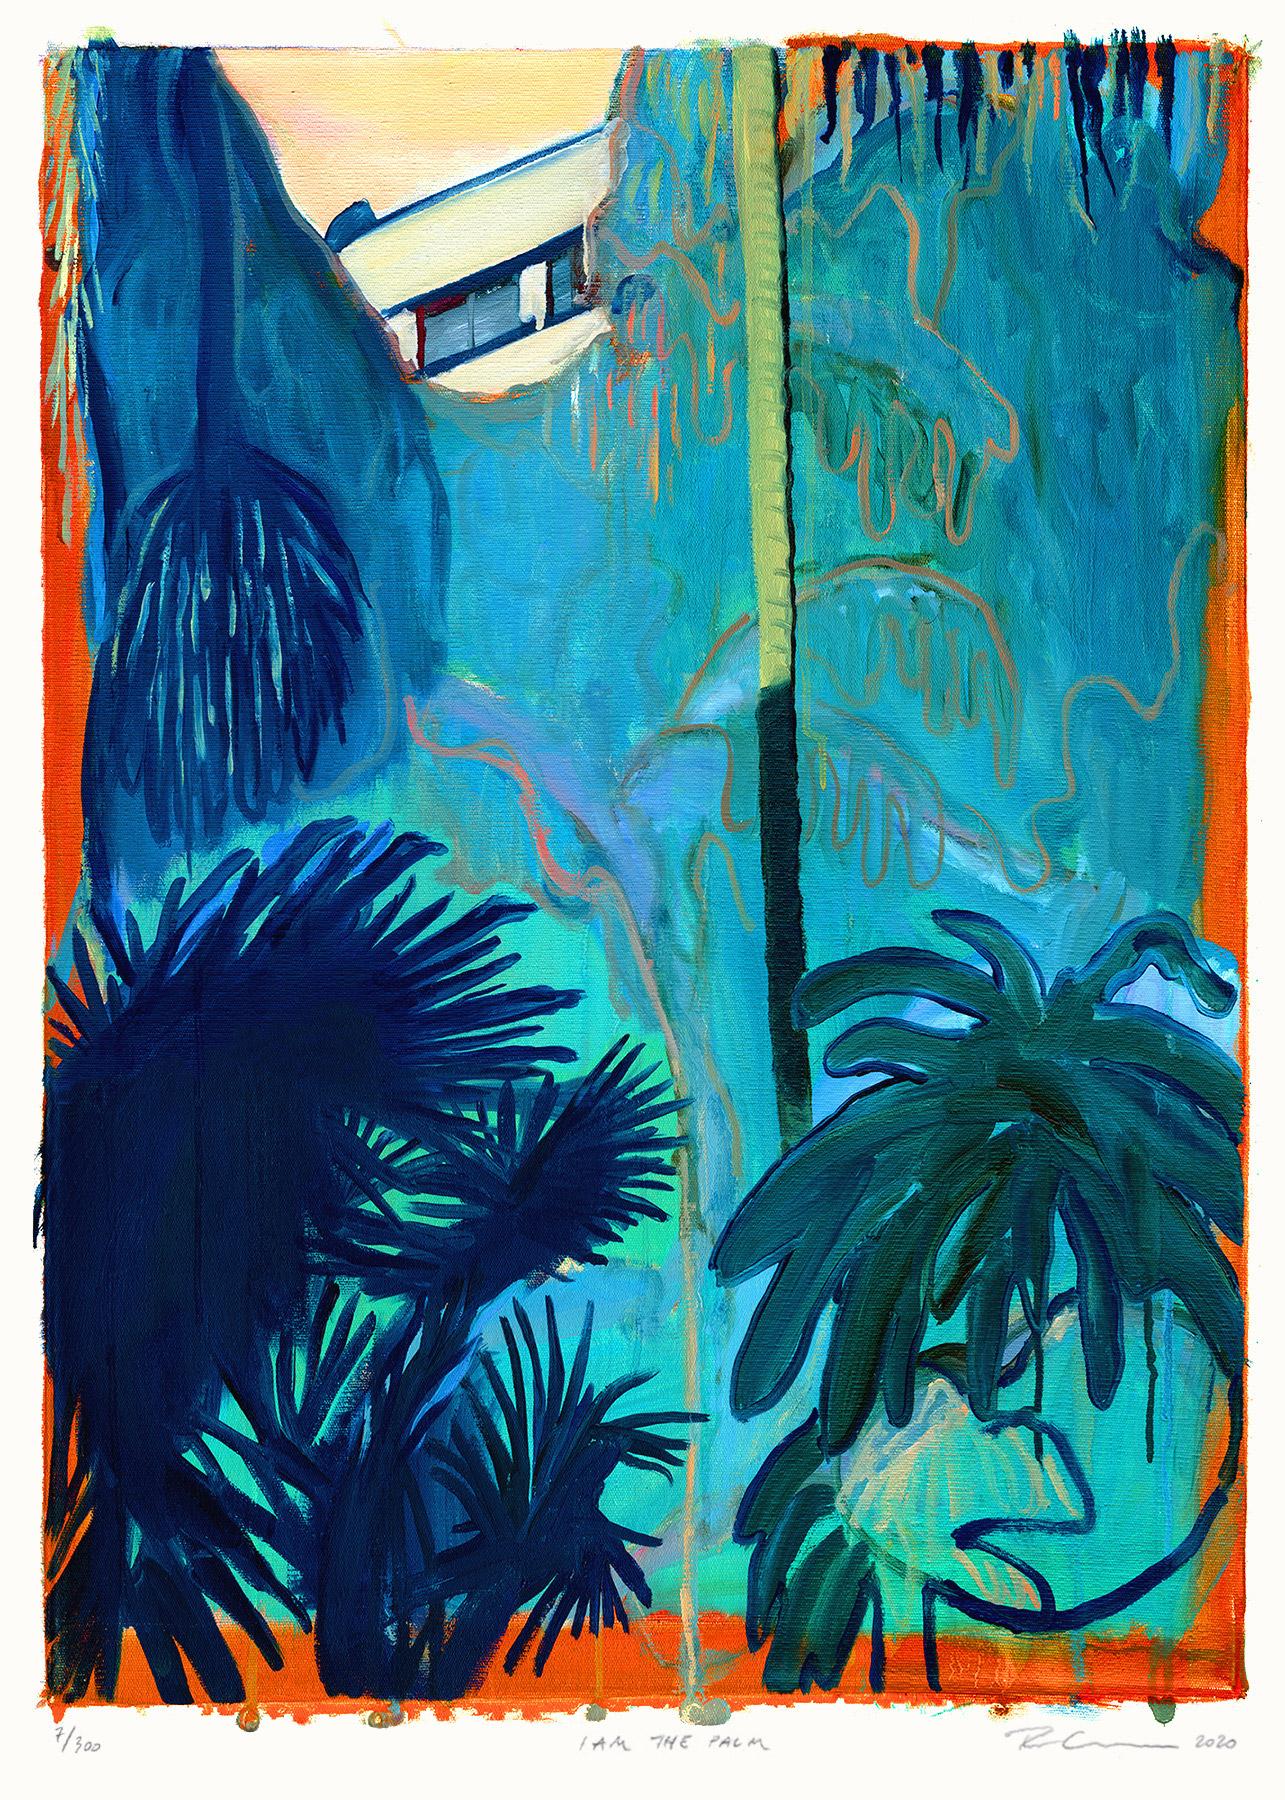 plakater-posters-kunsttryk, giclee-tryk, æstetiske, farverige, figurative, illustrative, landskab, botanik, natur, blå, orange, turkise, blæk, papir, smukke, samtidskunst, københavn, dansk, dekorative, design, skov, interiør, bolig-indretning, moderne, moderne-kunst, nordisk, planter, plakater, skandinavisk, Køb original kunst og kunstplakater. Malerier, tegninger, limited edition kunsttryk & plakater af dygtige kunstnere.